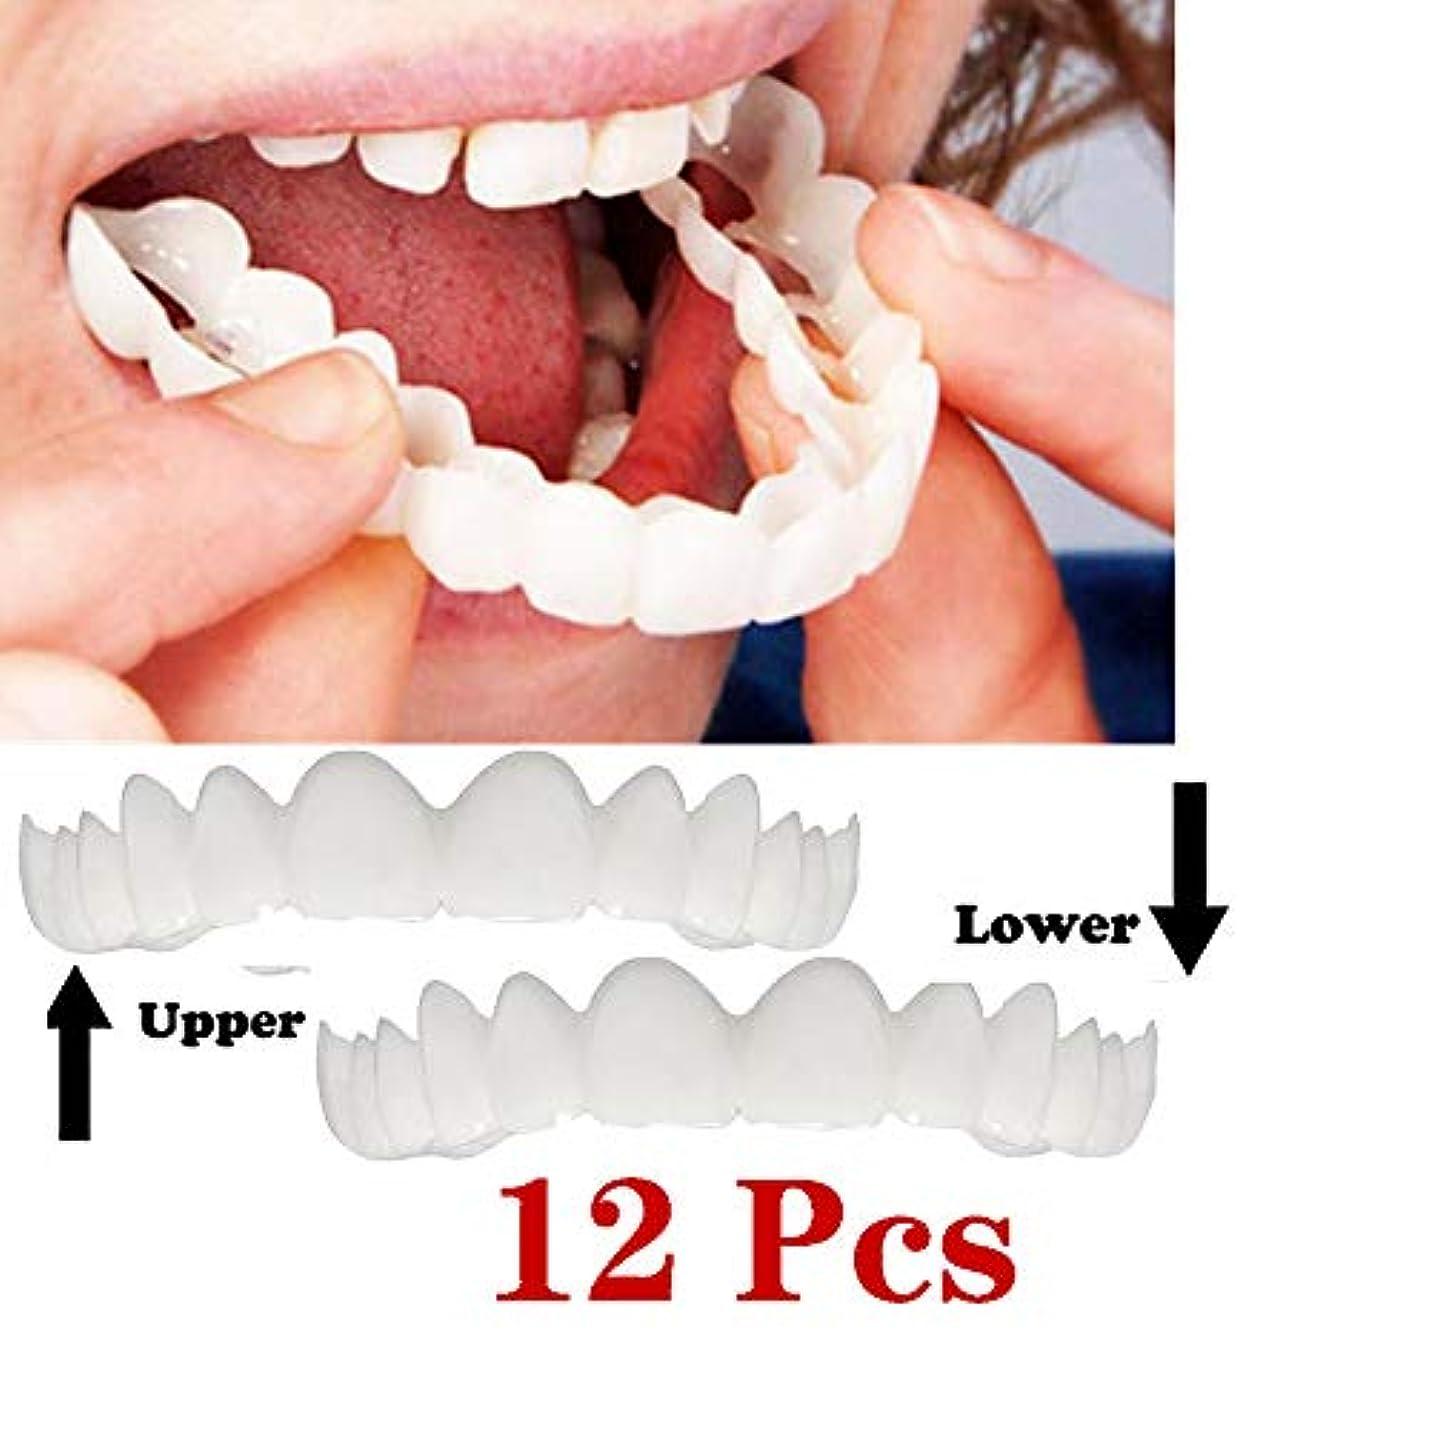 化学引き潮寺院インスタント快適なフレックスパーフェクトベニヤワンサイズフィットの歯のスナップキャップを白くする12個の上下の歯の化粧品のベニヤ、最も快適な義歯のケア